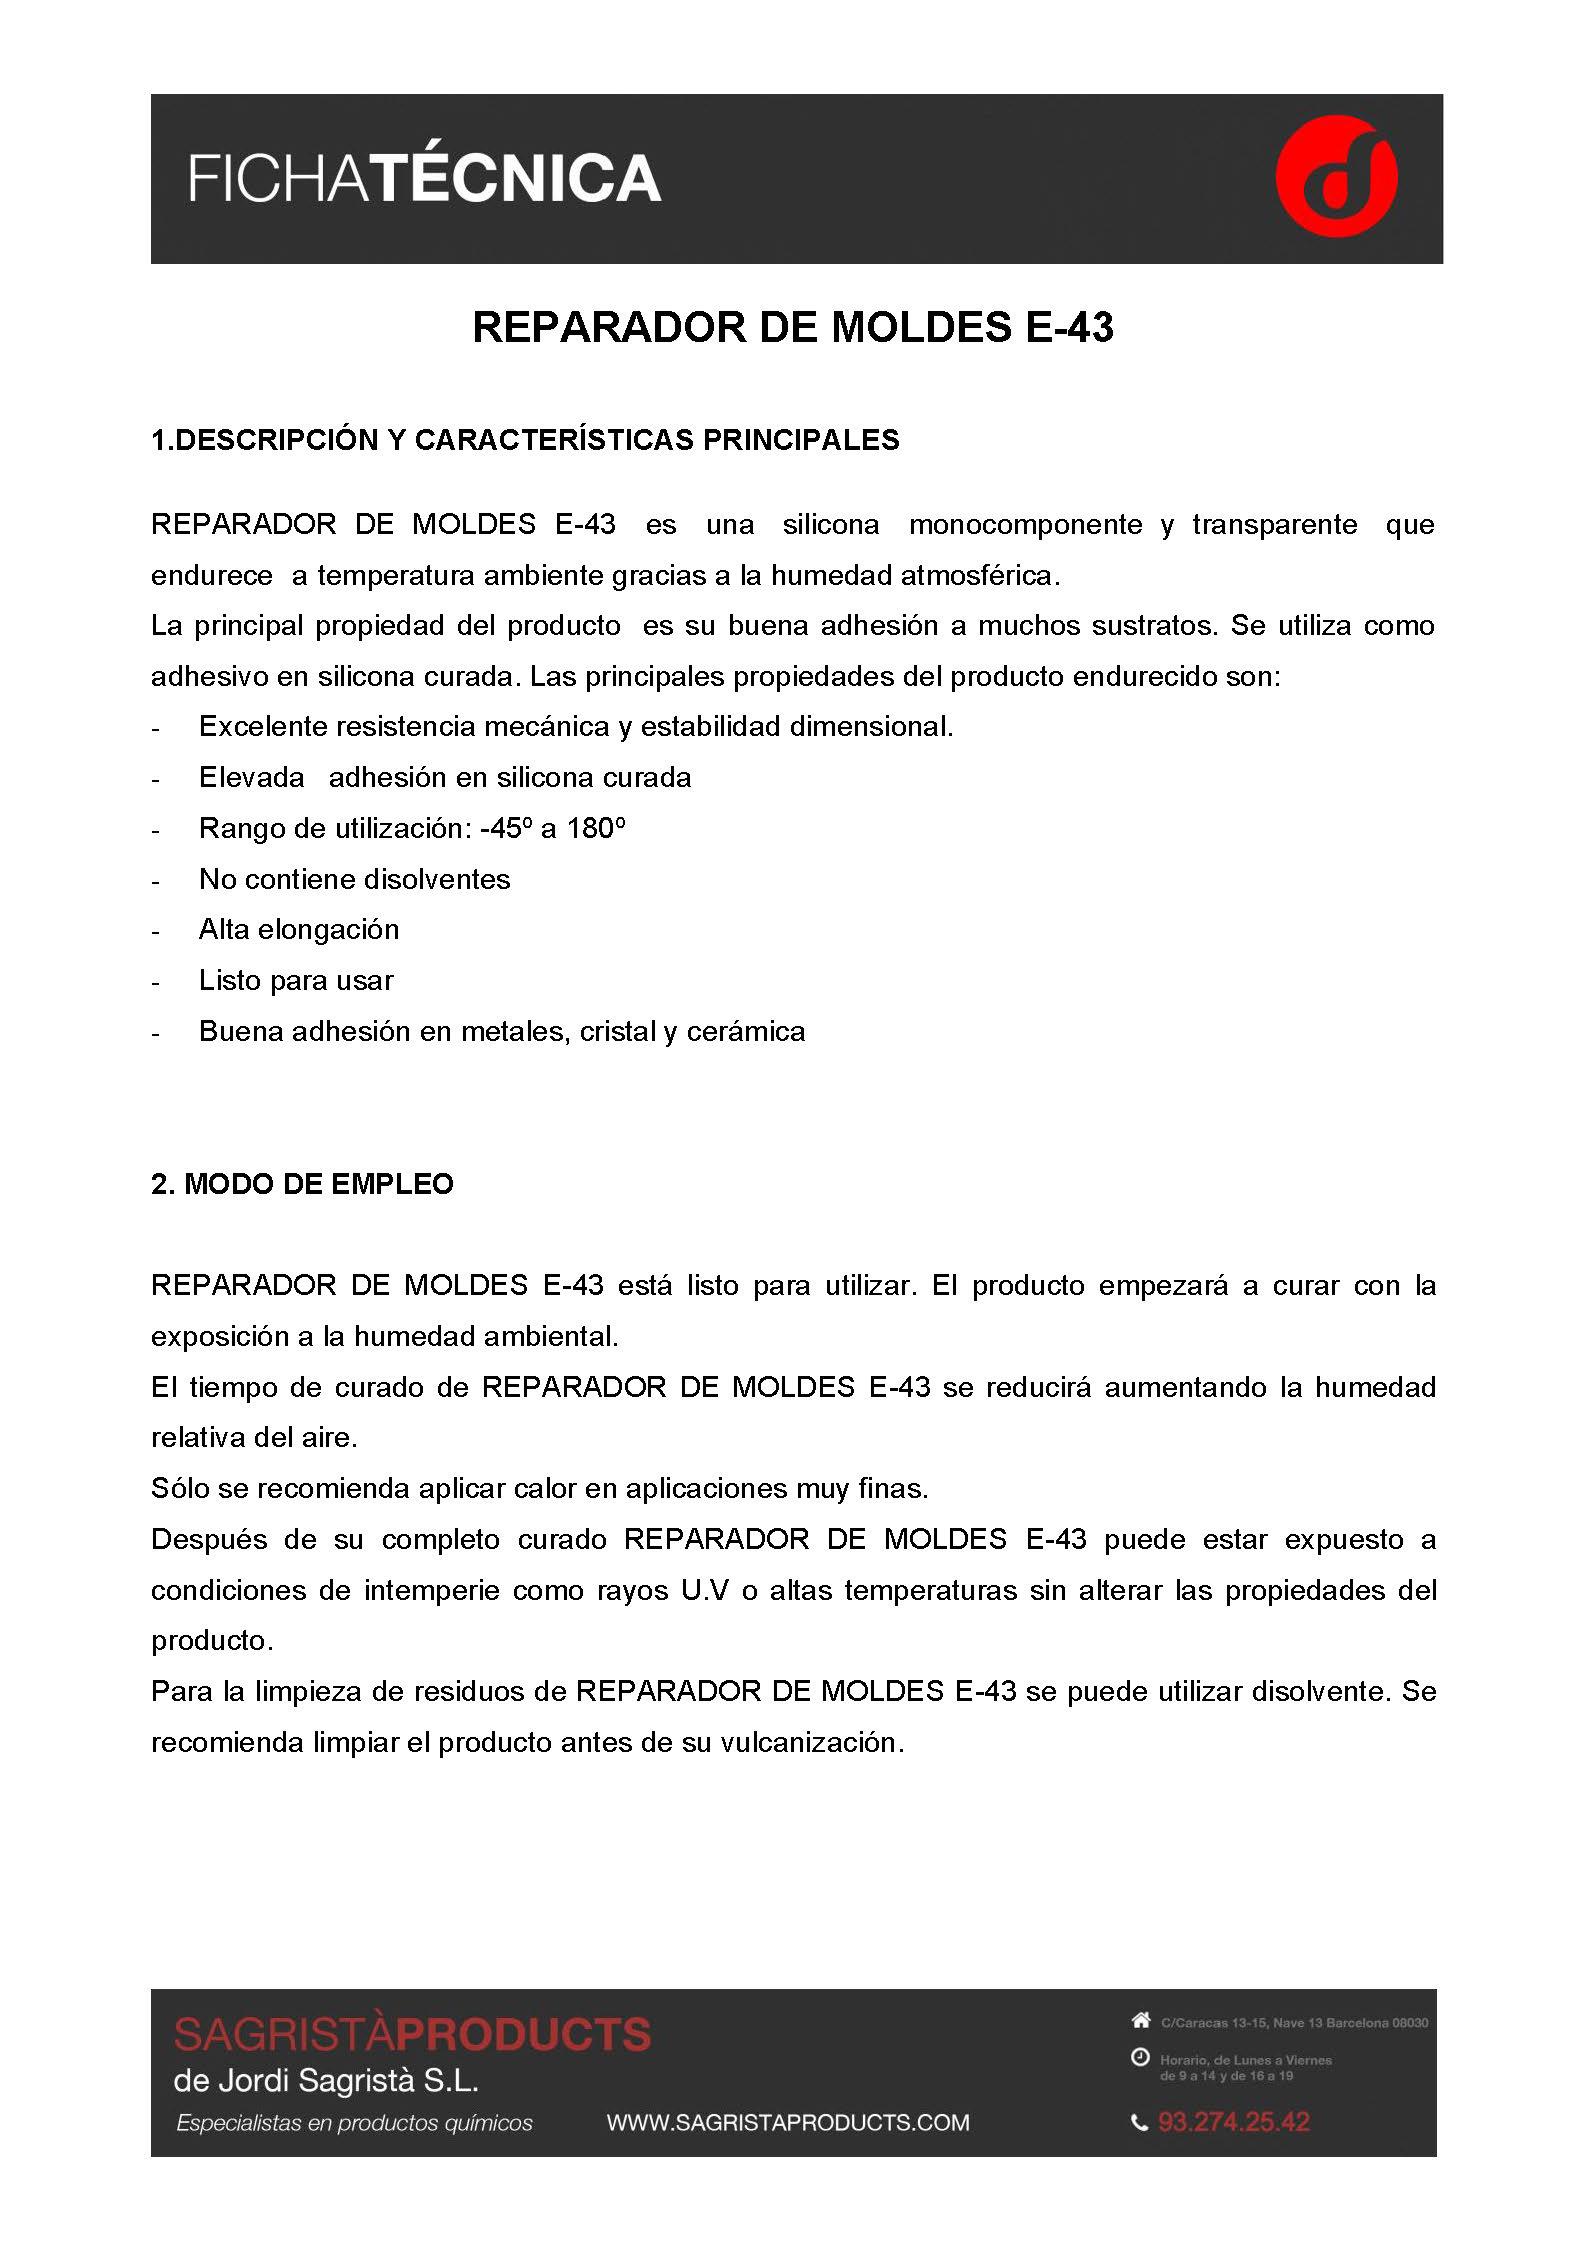 TDS_REPARADOR DE MOLDES E-43_Página_1.jpg